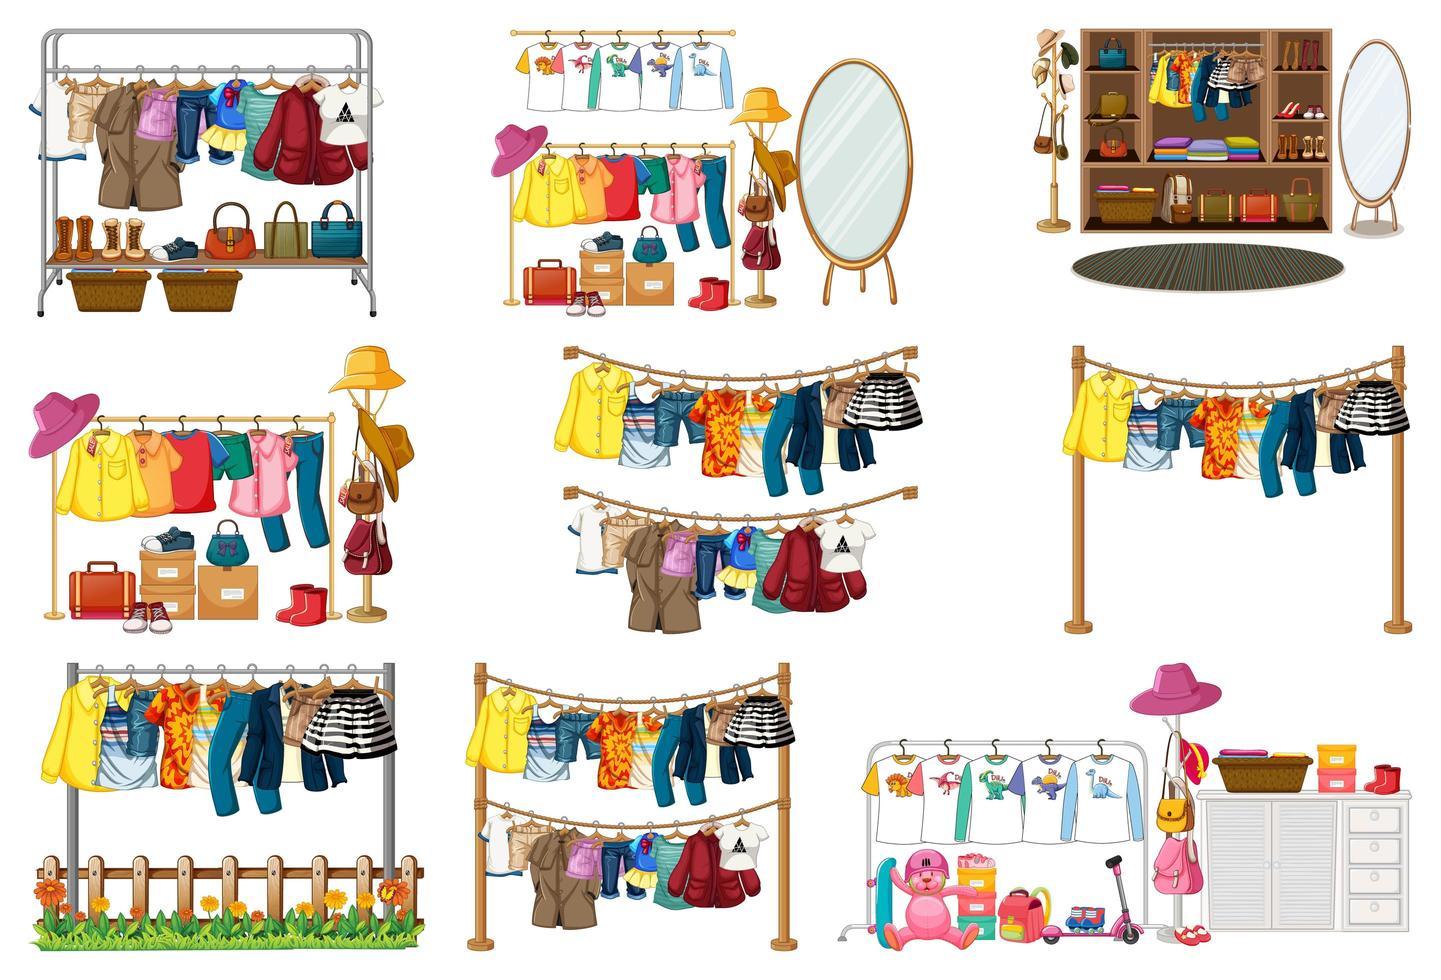 ensemble de vêtements, accessoires et garde-robe vecteur